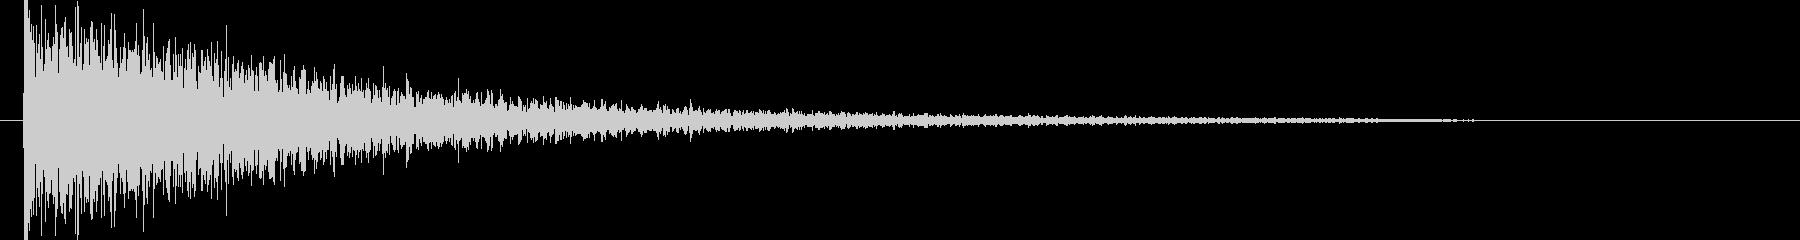 映画告知音69 ドーンの未再生の波形